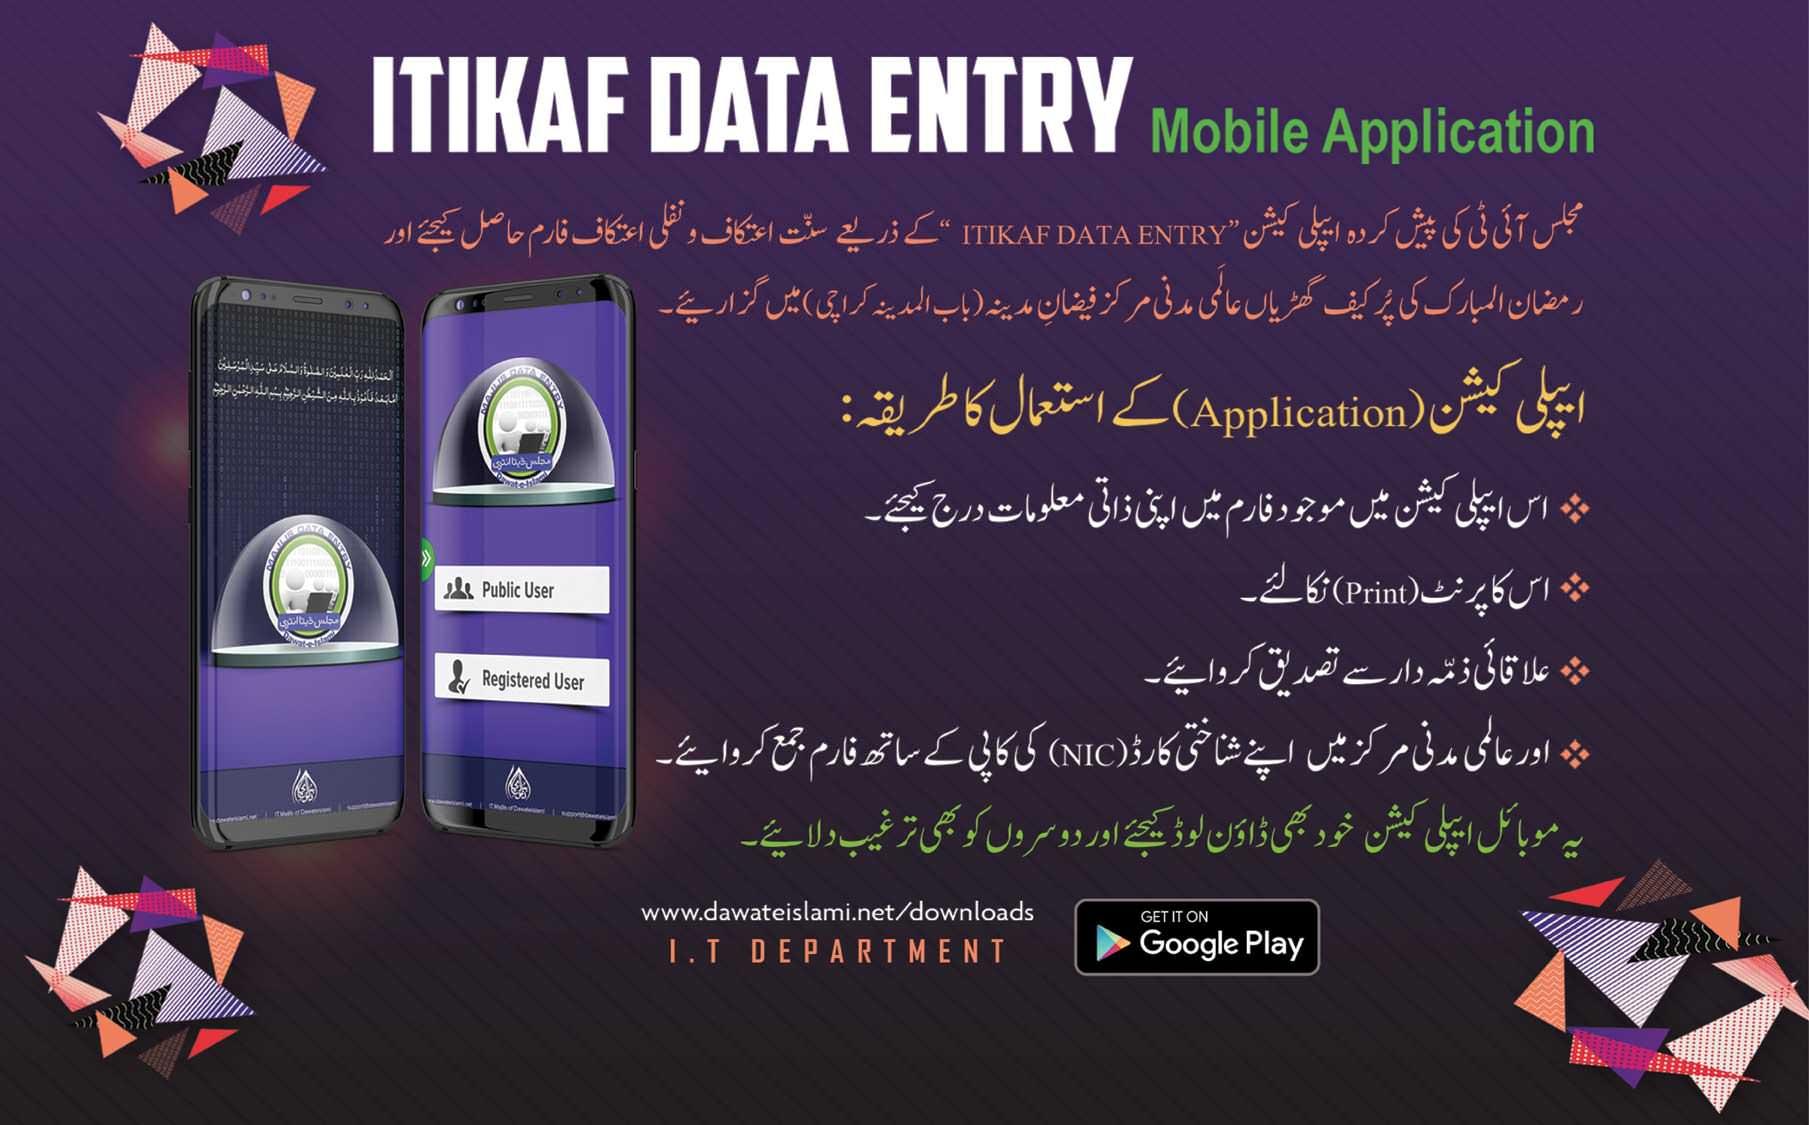 اعتکاف ڈیٹا انٹری موبائل ایپلیکیشن